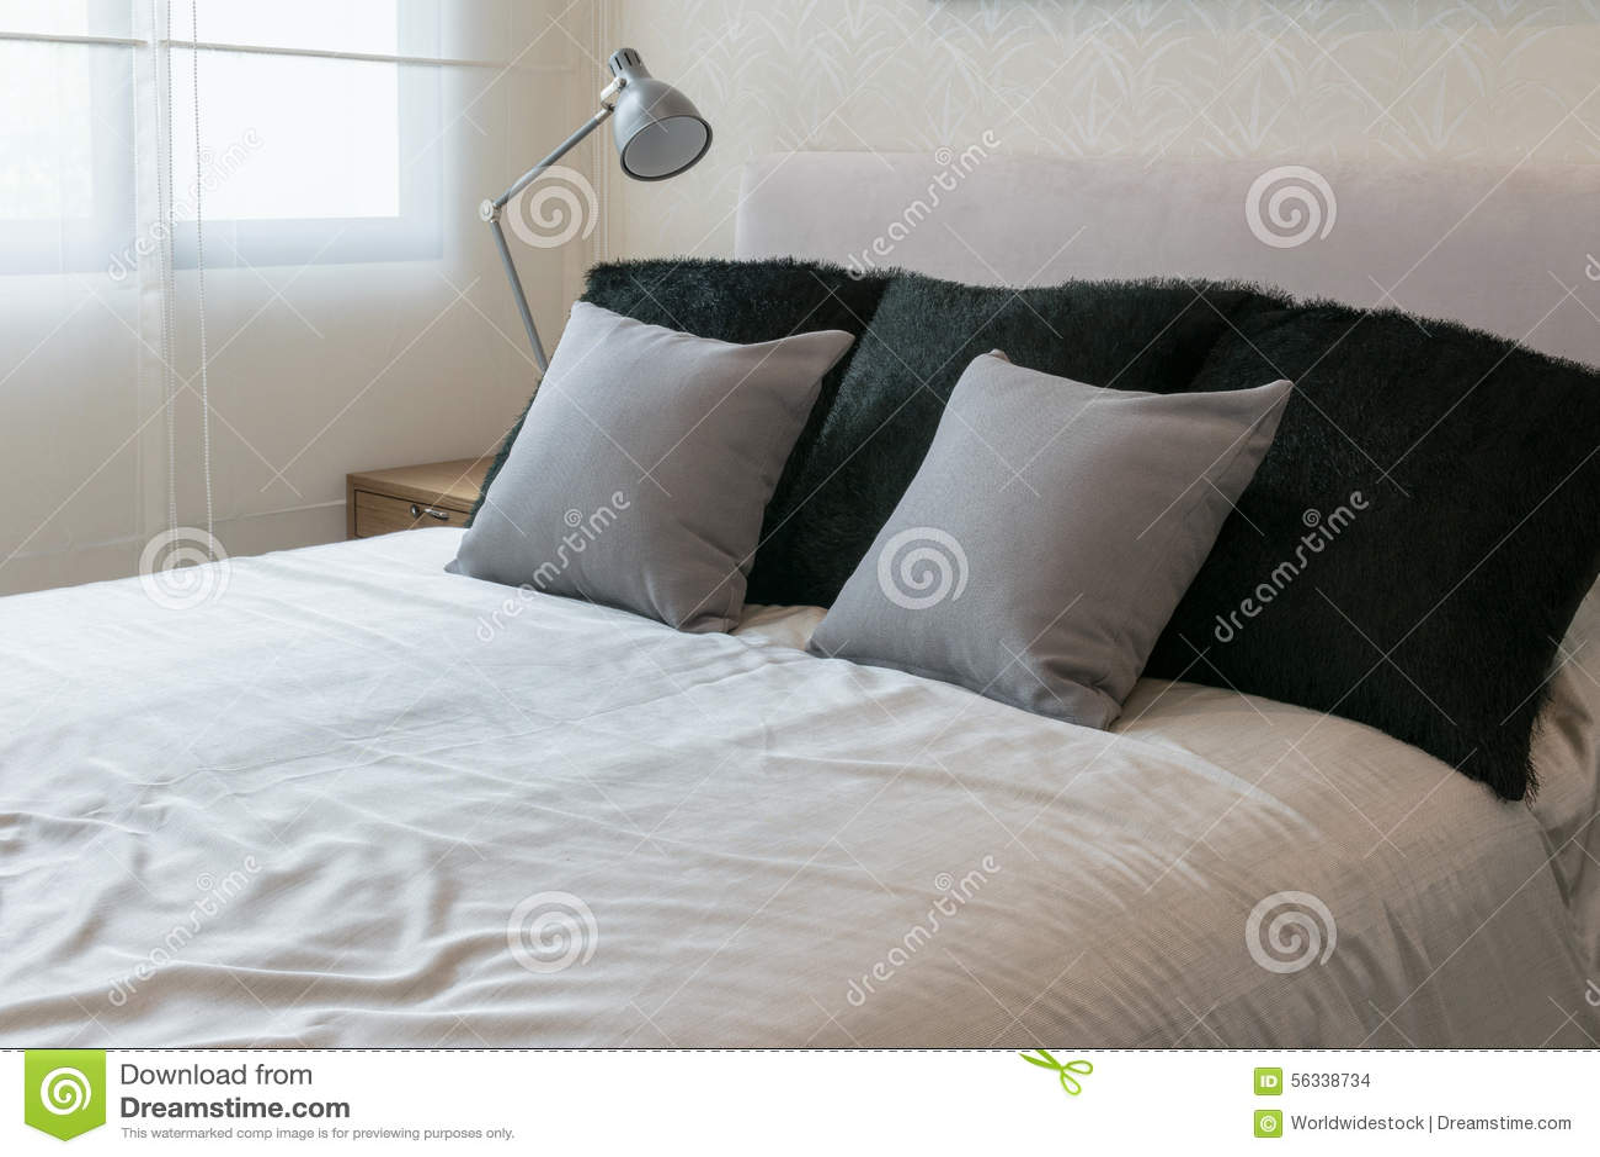 Interno della camera da letto con i cuscini grigi sul letto bianco fotografia stock immagine - Cuscini da letto ...